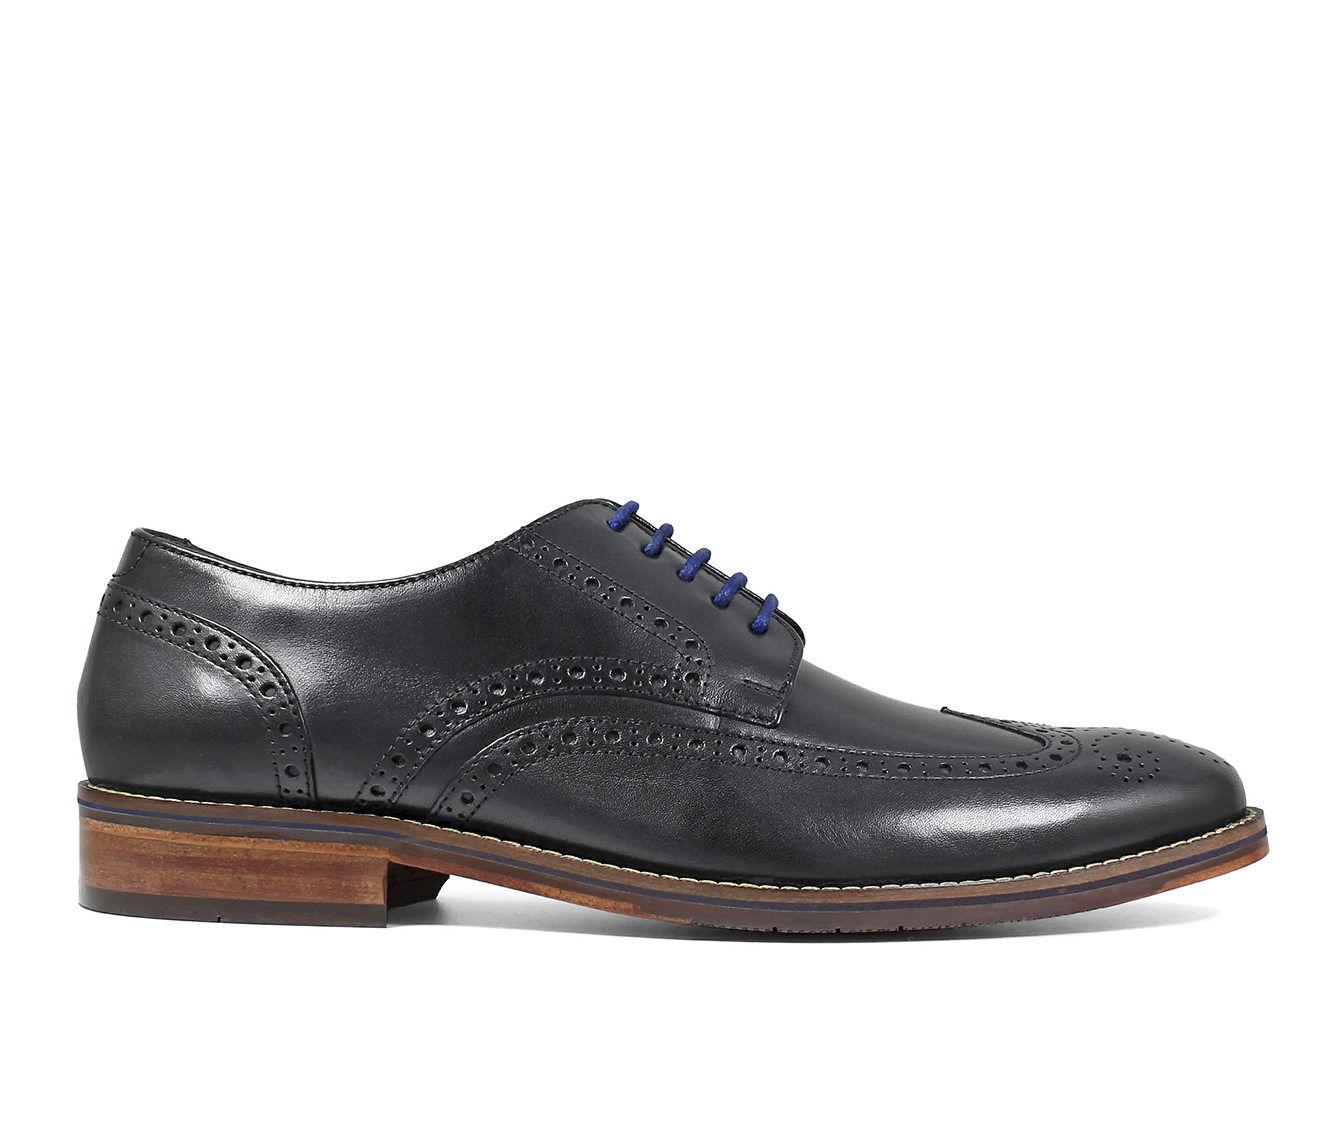 Best Buy Men's Florsheim Salerno Wing Tip Oxford Dress Shoes Black